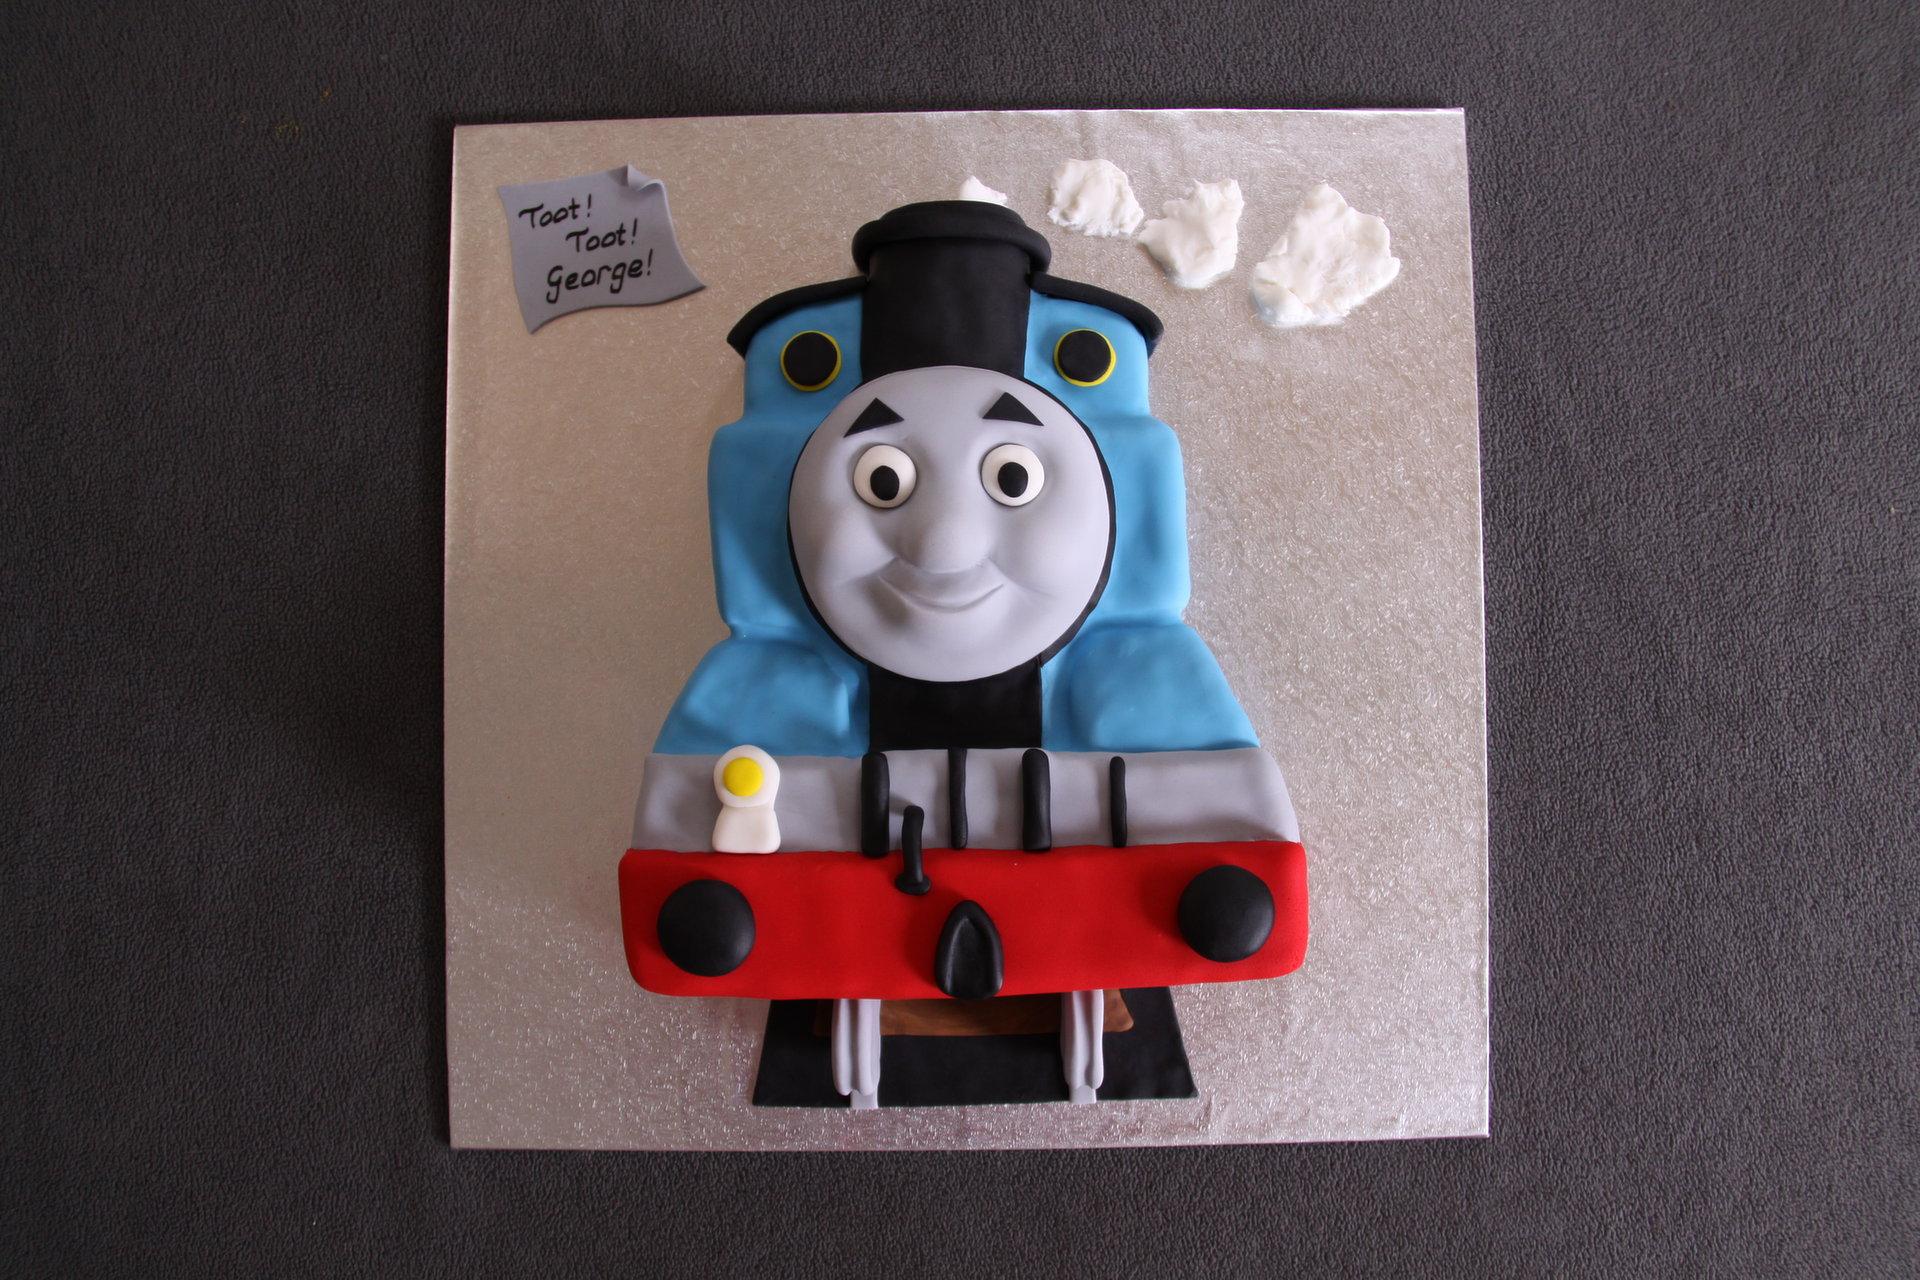 Thomas the Tank Engline